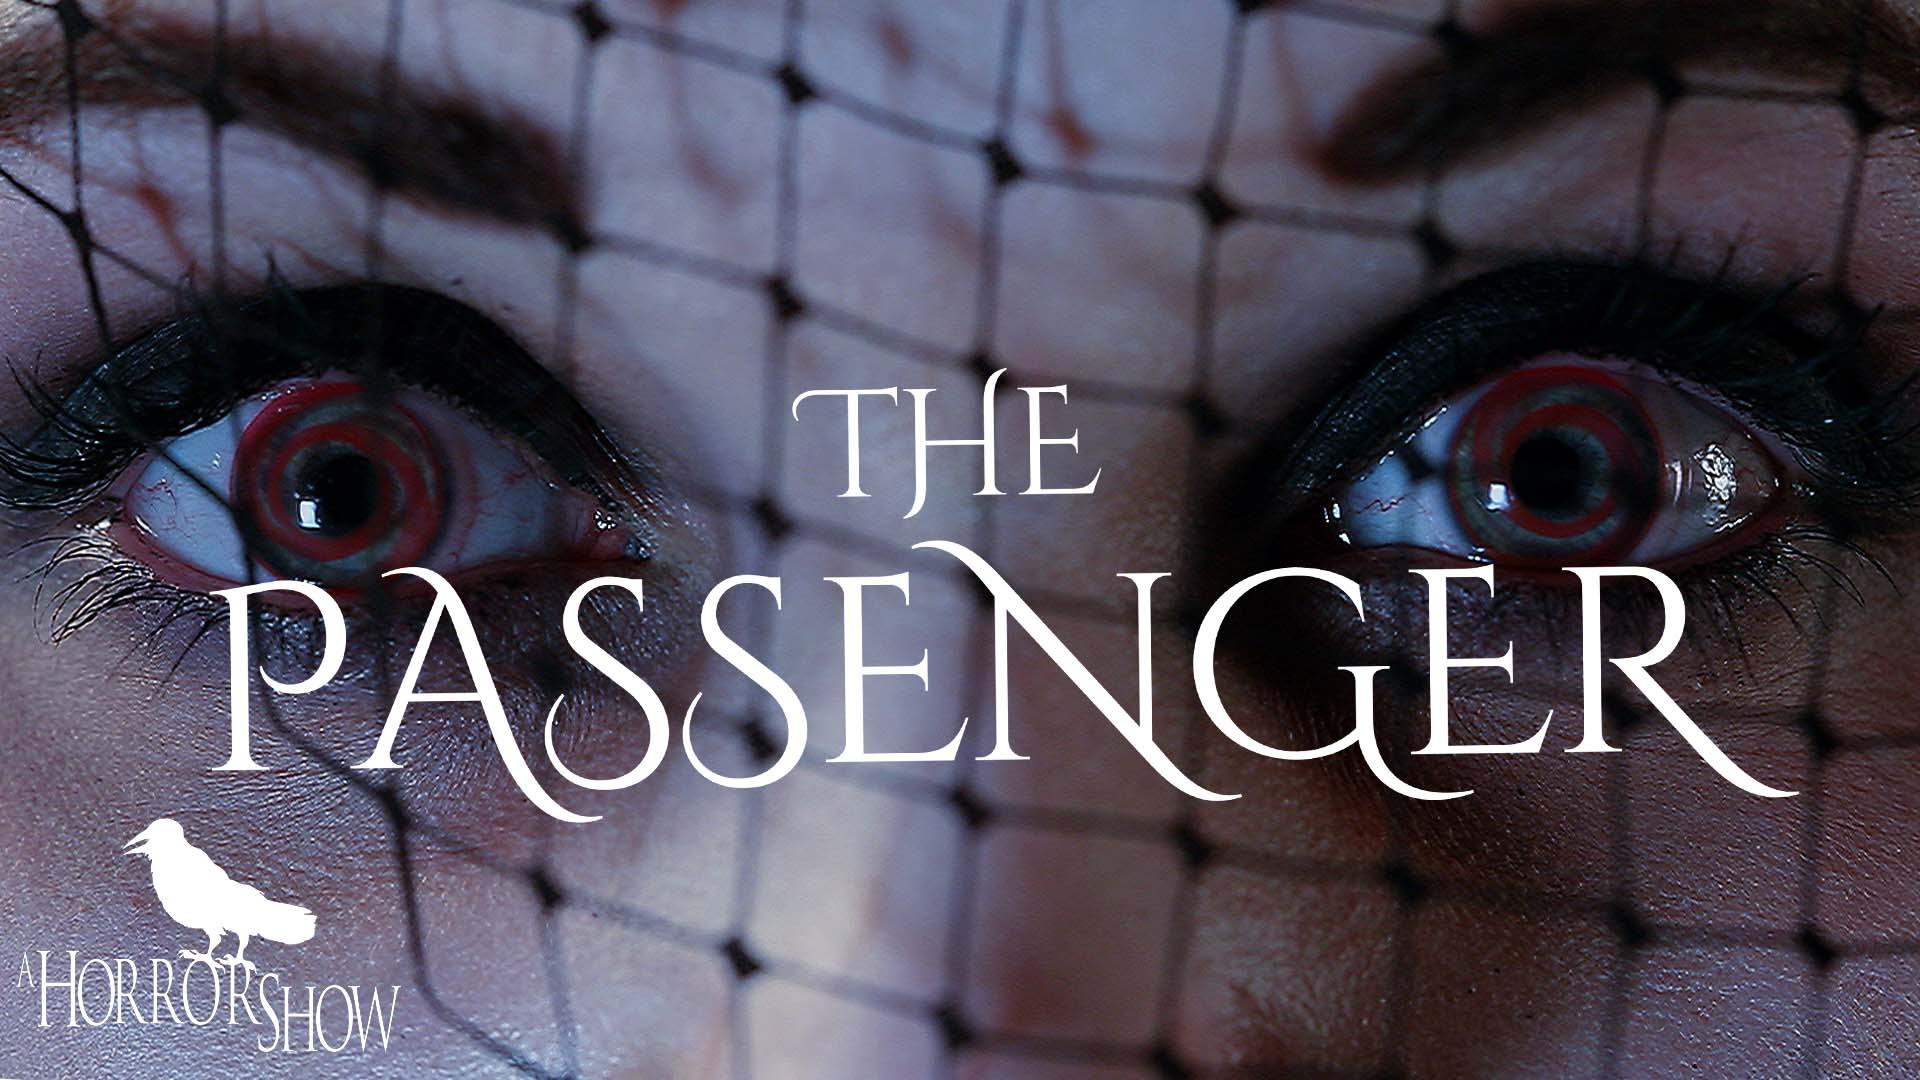 The Passenger Thumbnail2.jpg